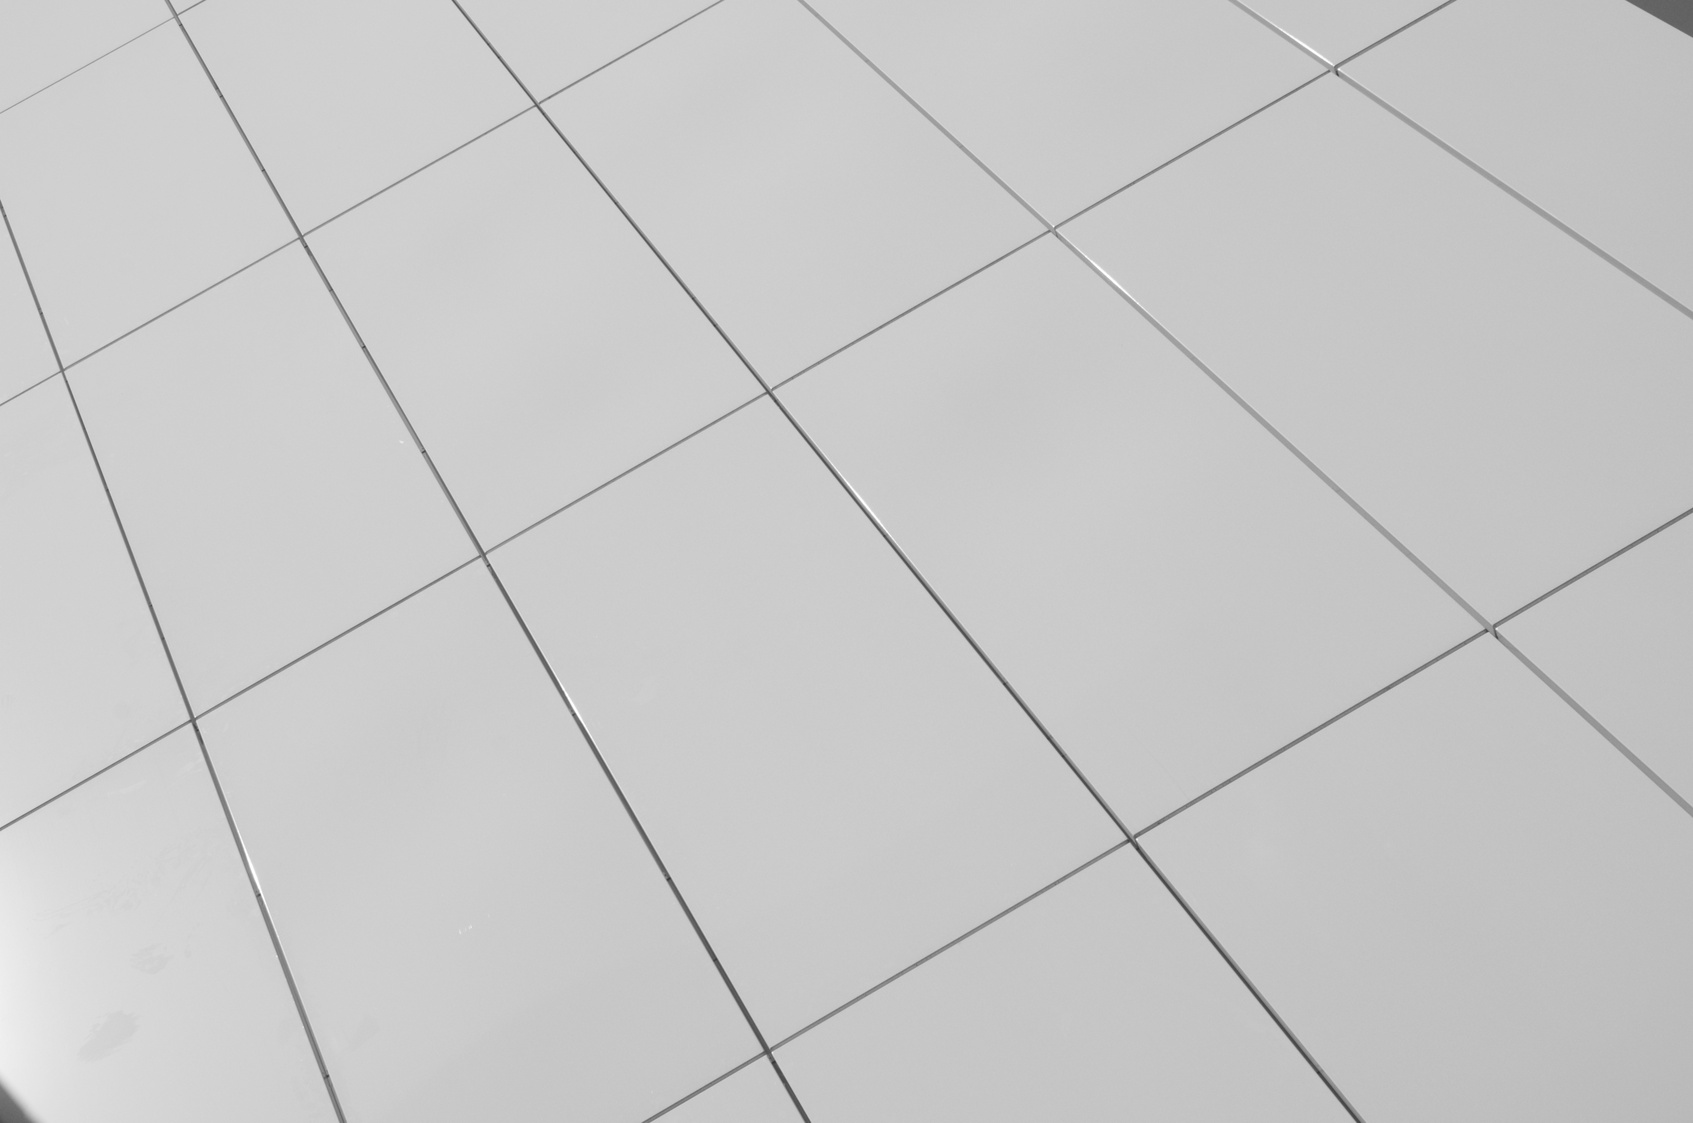 Carrelage Blanc Joint Noir peindre un joint de carrelage : les astuces pour peindre vos